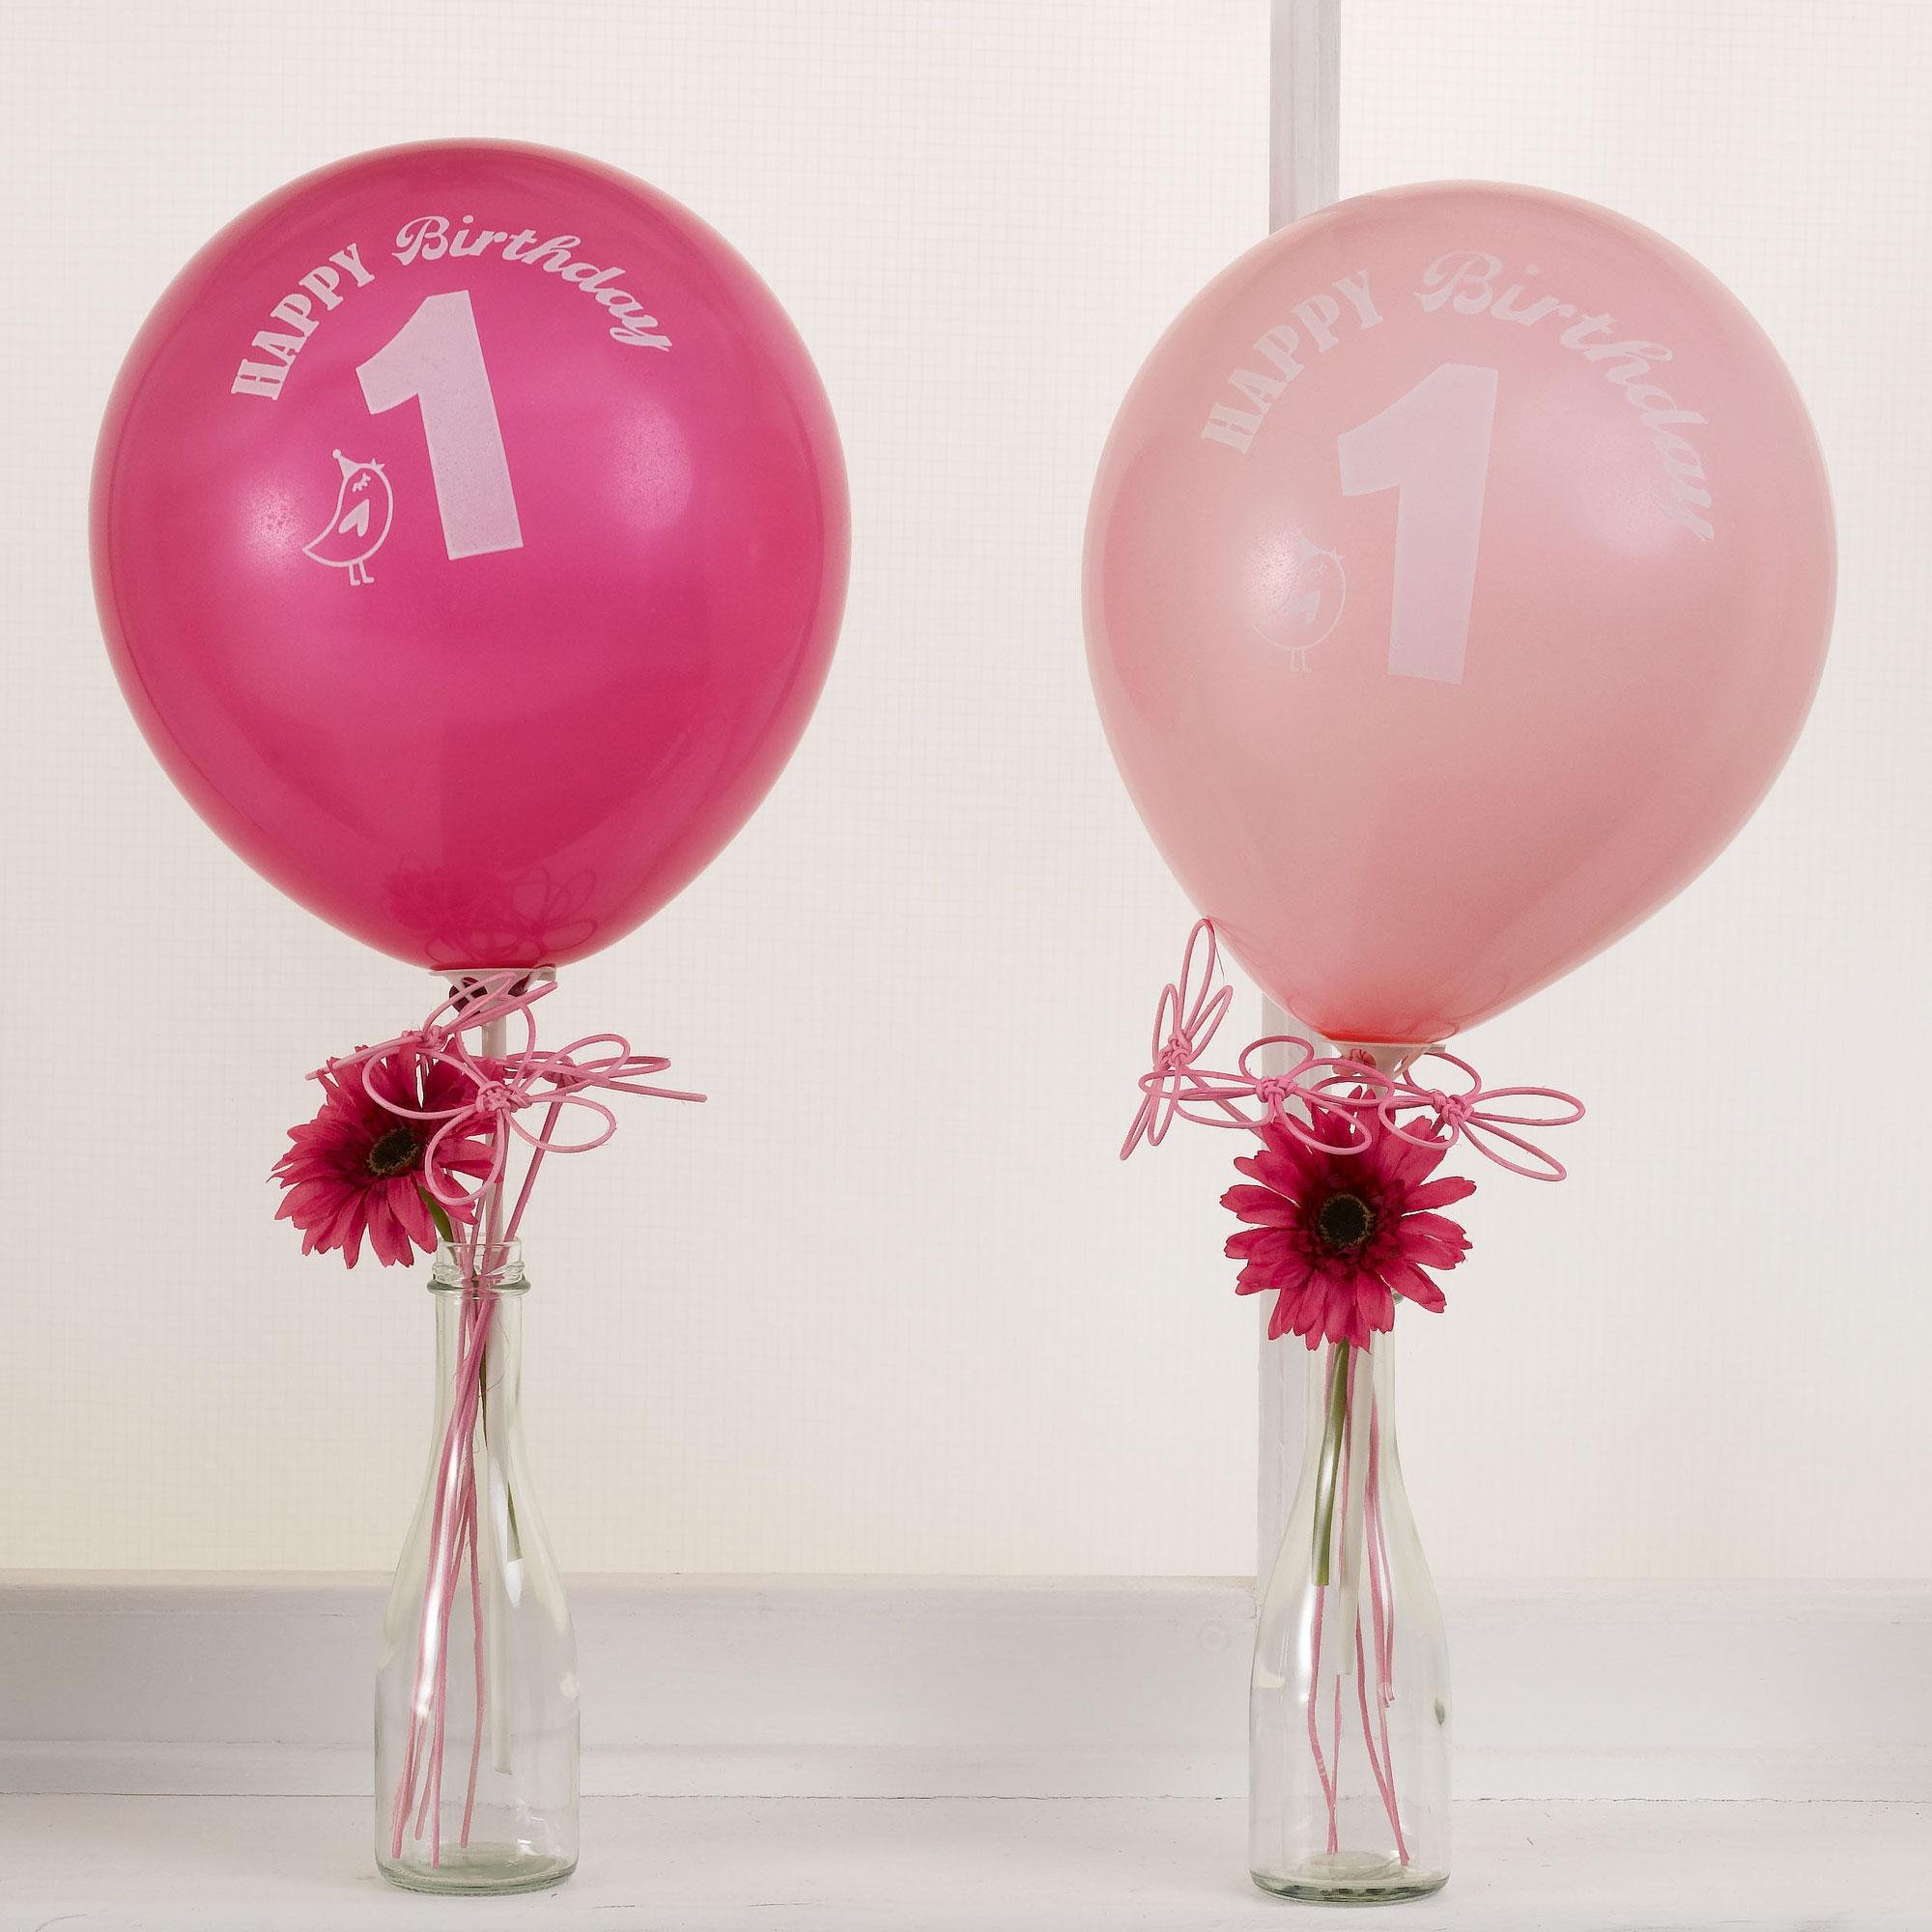 d 233 coration de ballons pour un anniversaire organisation baby shower anniversaire enfants et